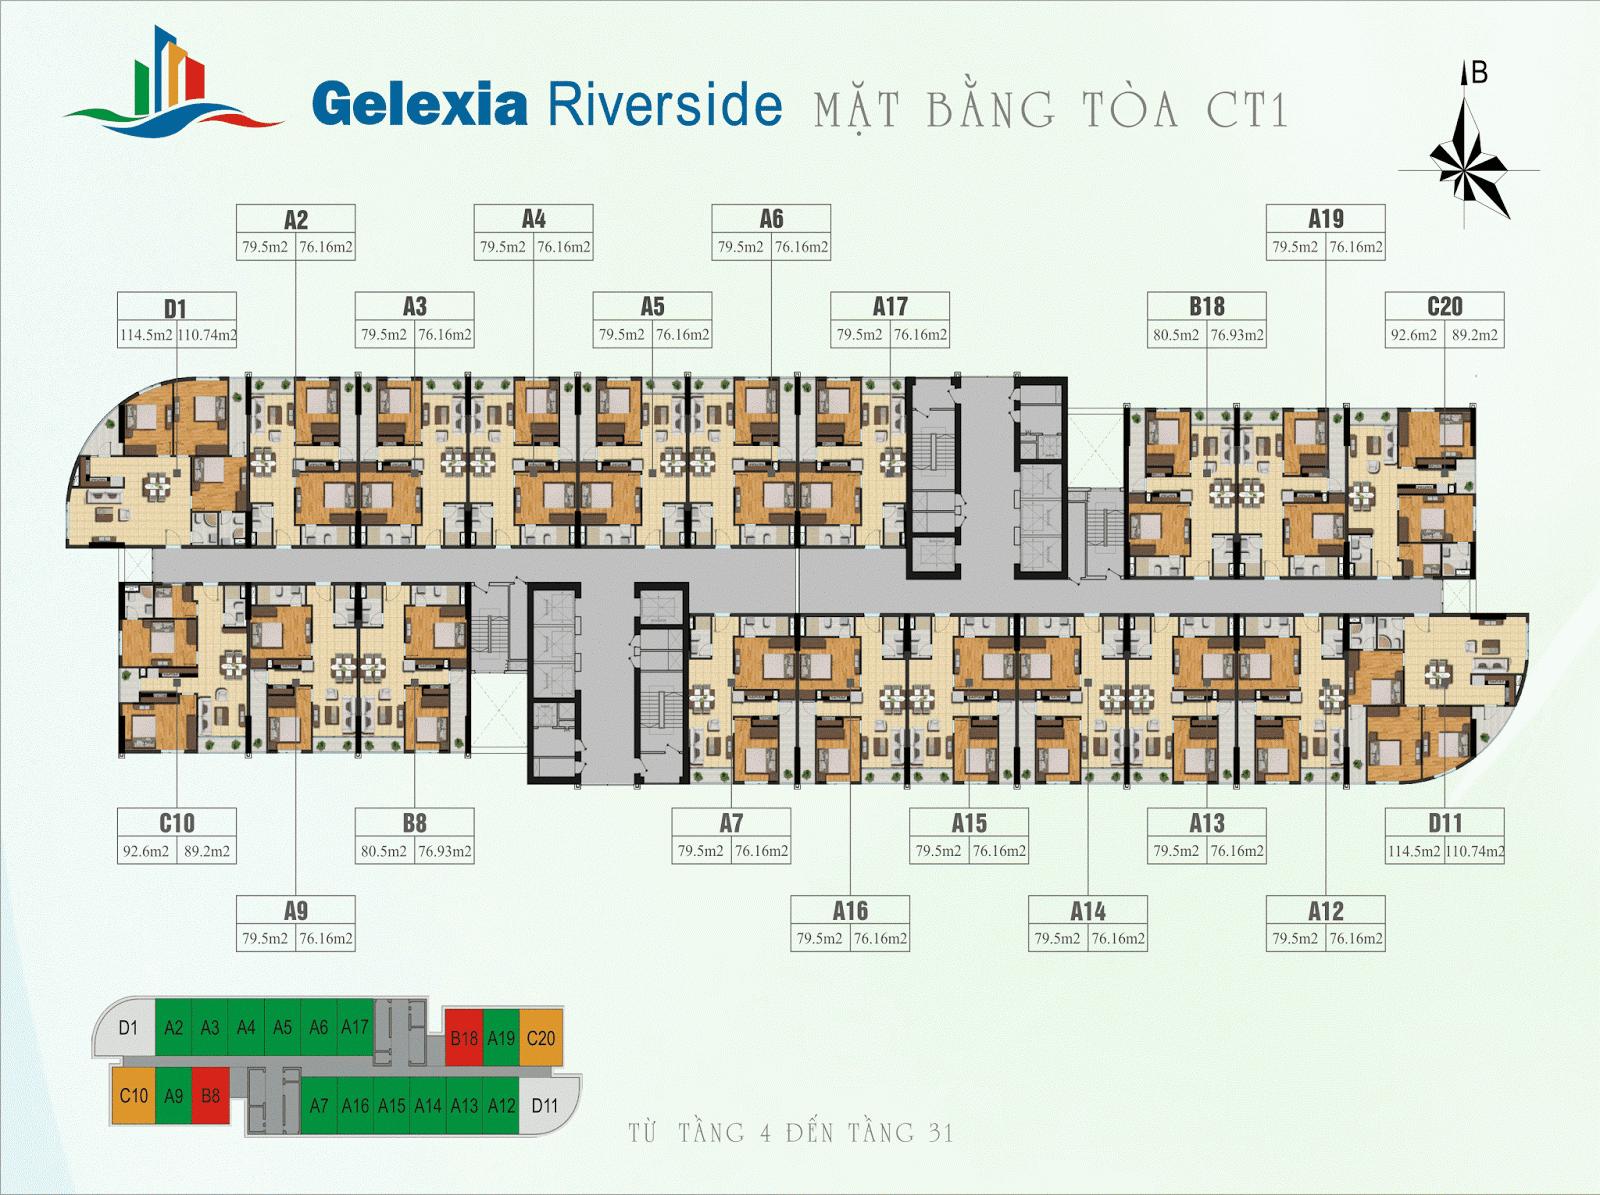 Mặt bằng điển hình tòa CT1 - Gelexia Riverside